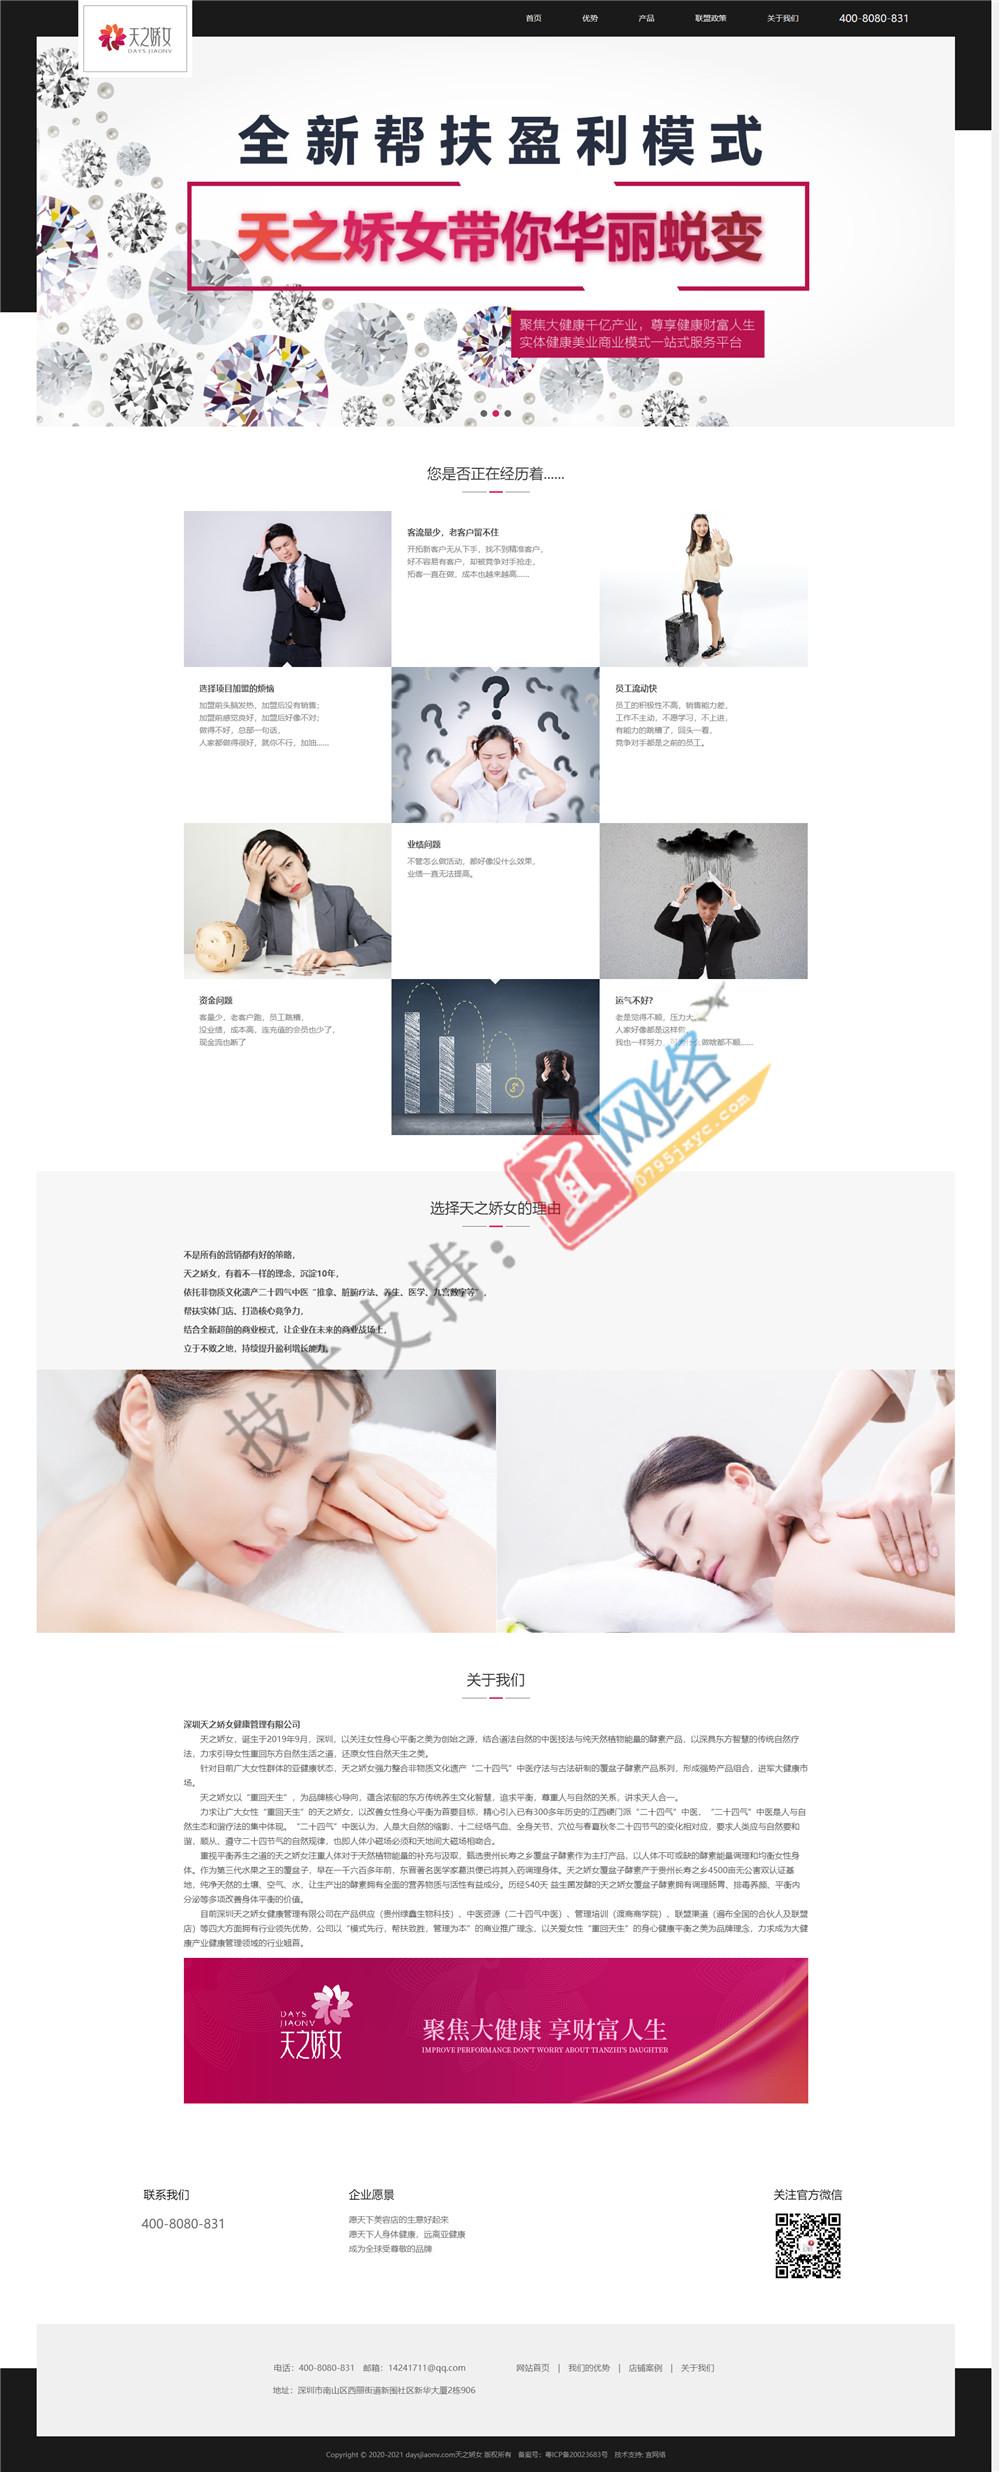 深圳天之娇女健康管理有限公司m6米乐官网首页